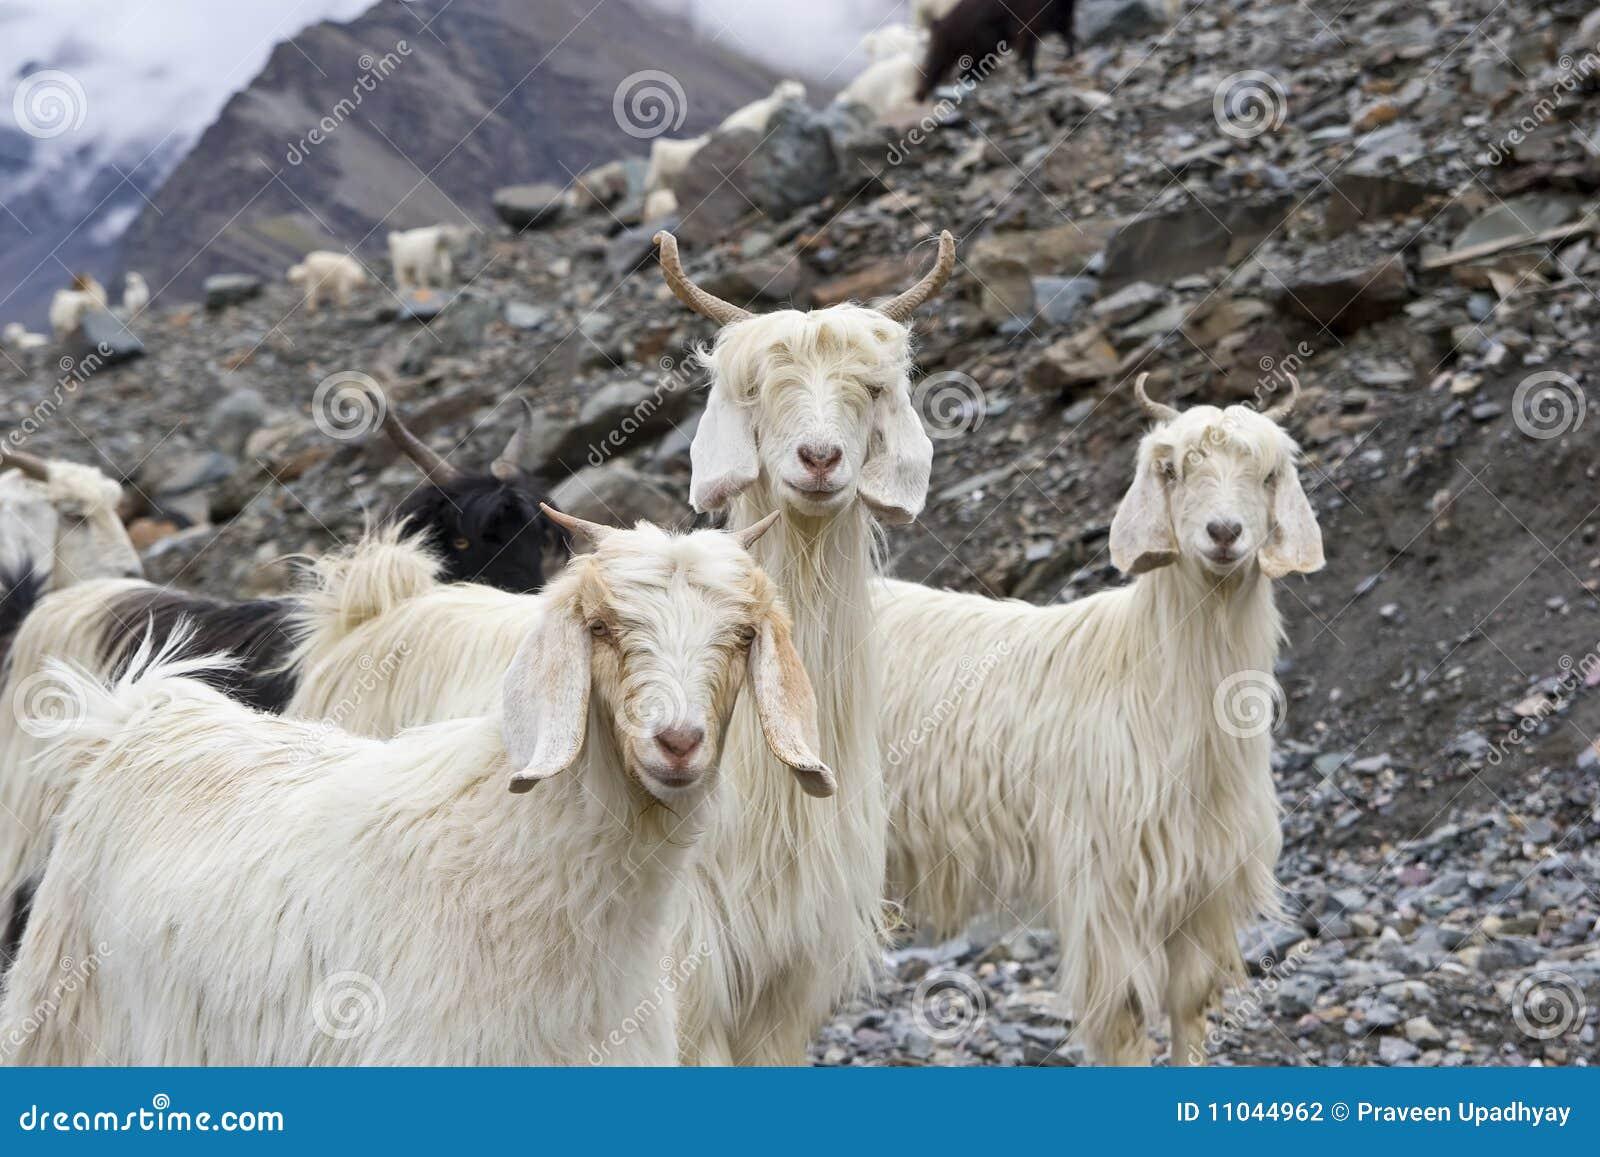 himalayan goat stock photography image 11044962